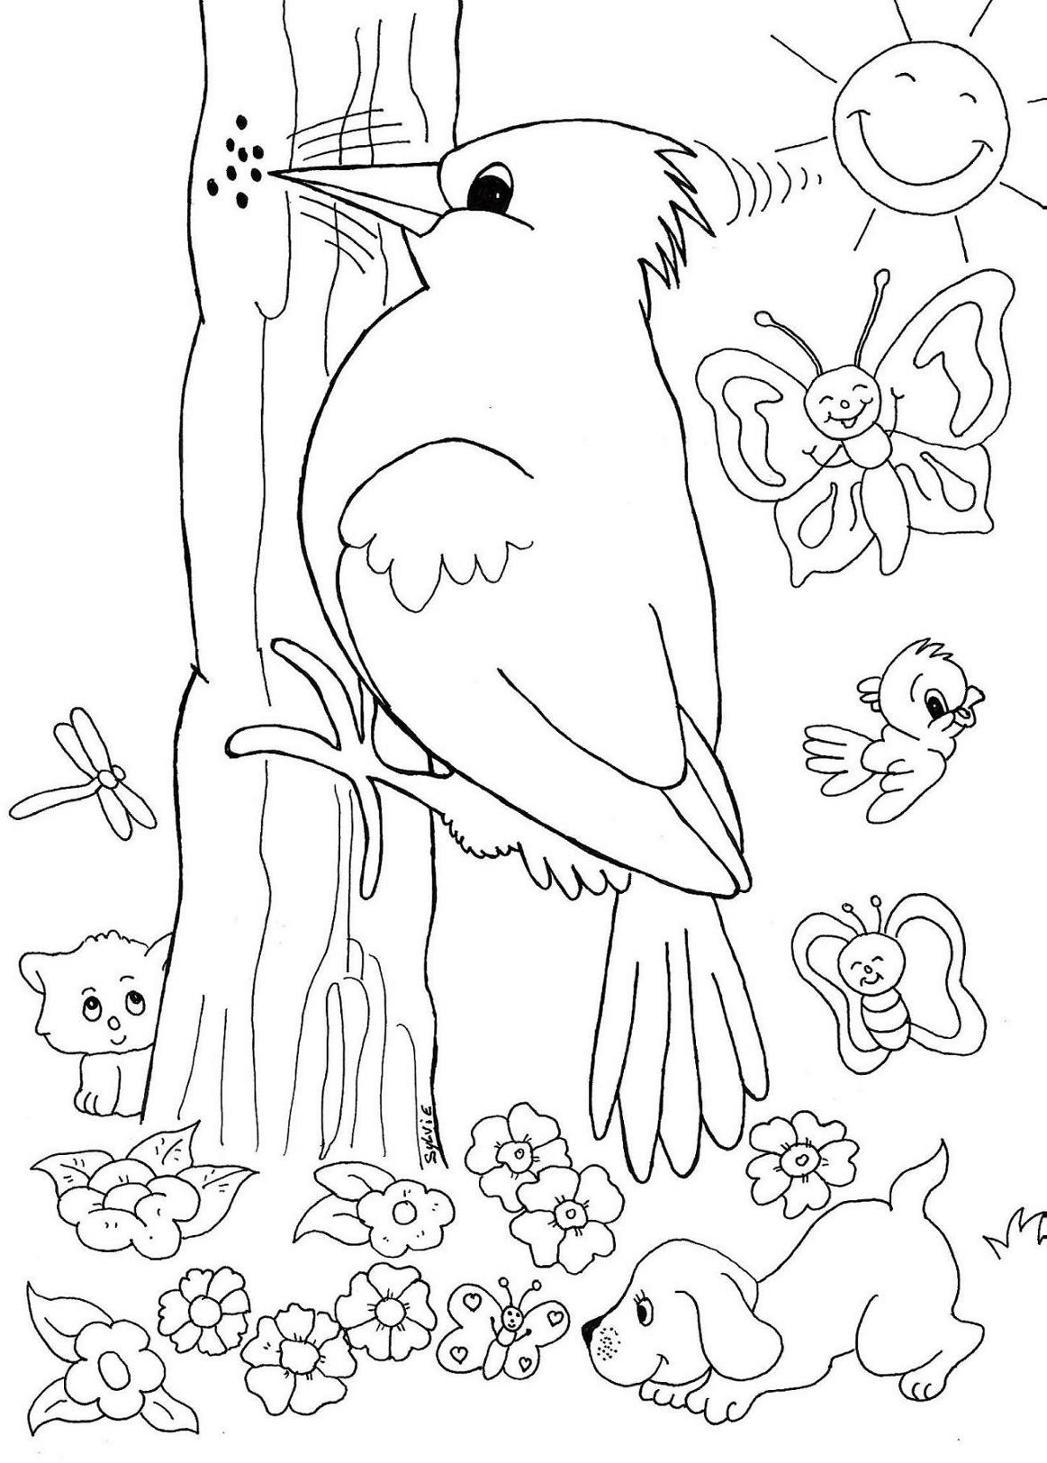 Desenho de passarinhos para colorir desenhos para colorir - Dessin de printemps ...